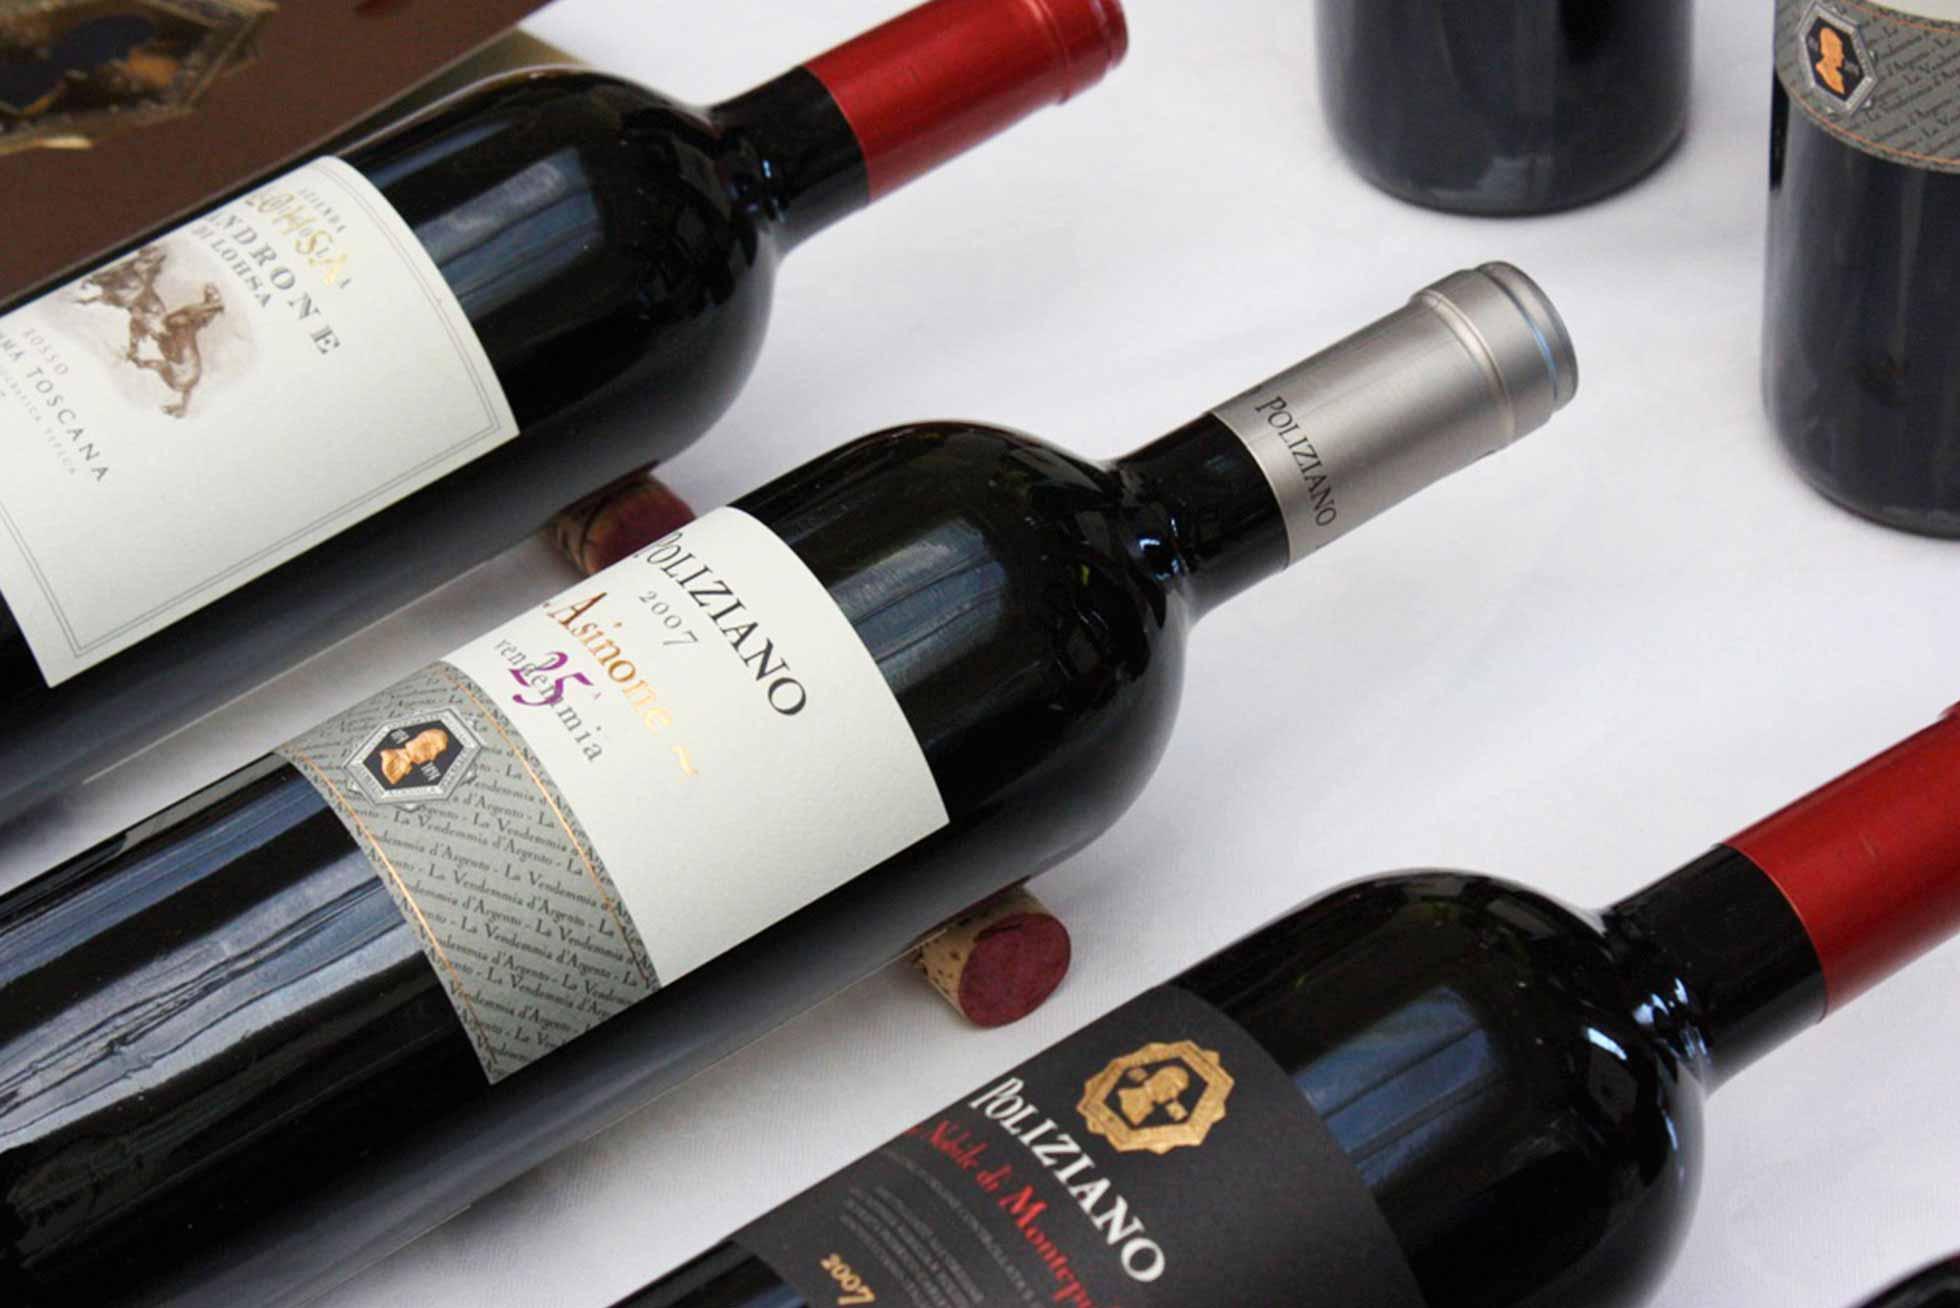 Boccanegra Firenze Vino Nobile di Montepulciano dalla nostra carta dei vini